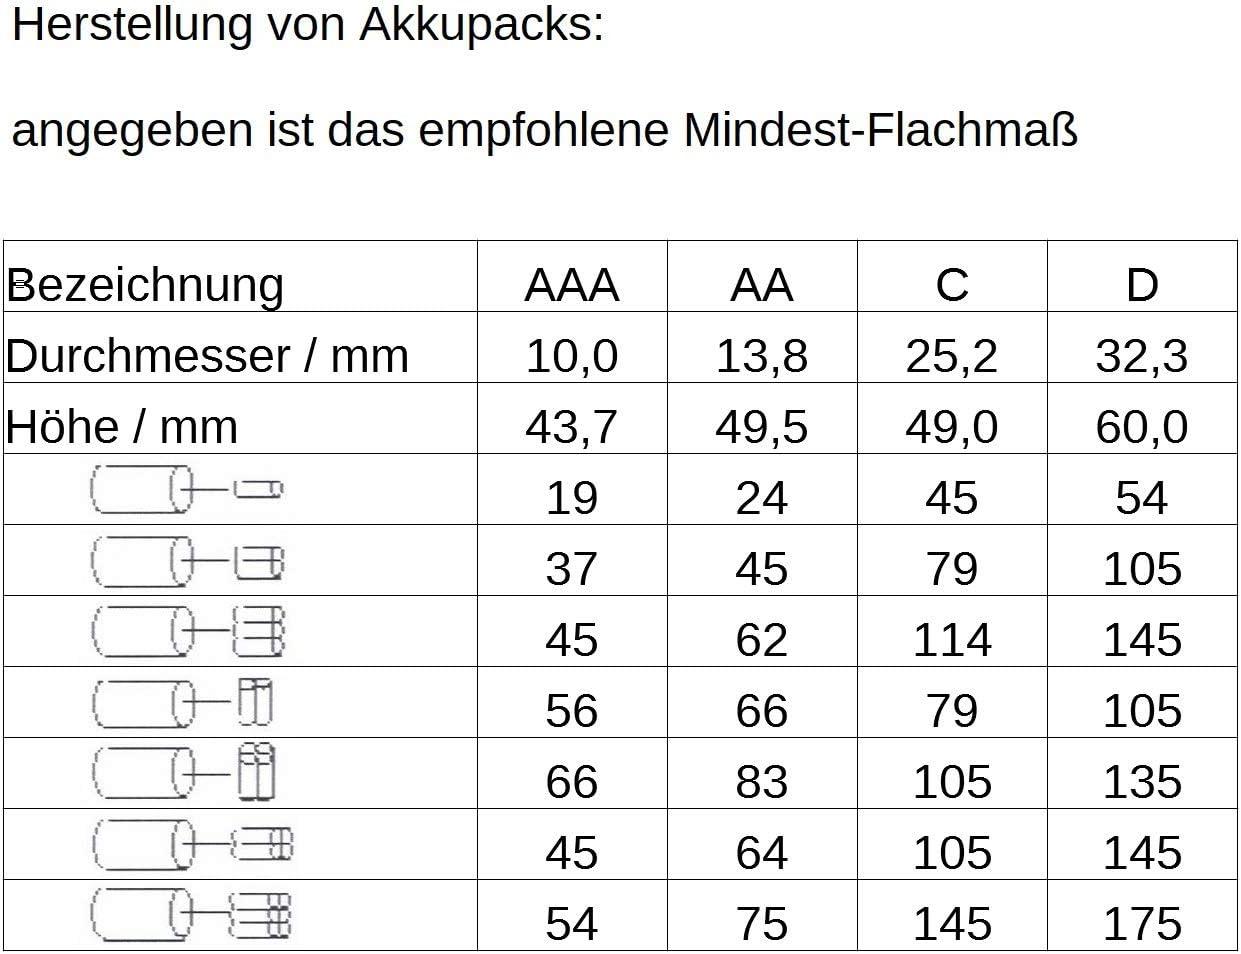 2m Akku Schrumpfschlauch 170mm Flachma/ß = 108mm /Ø Farbe:Blau